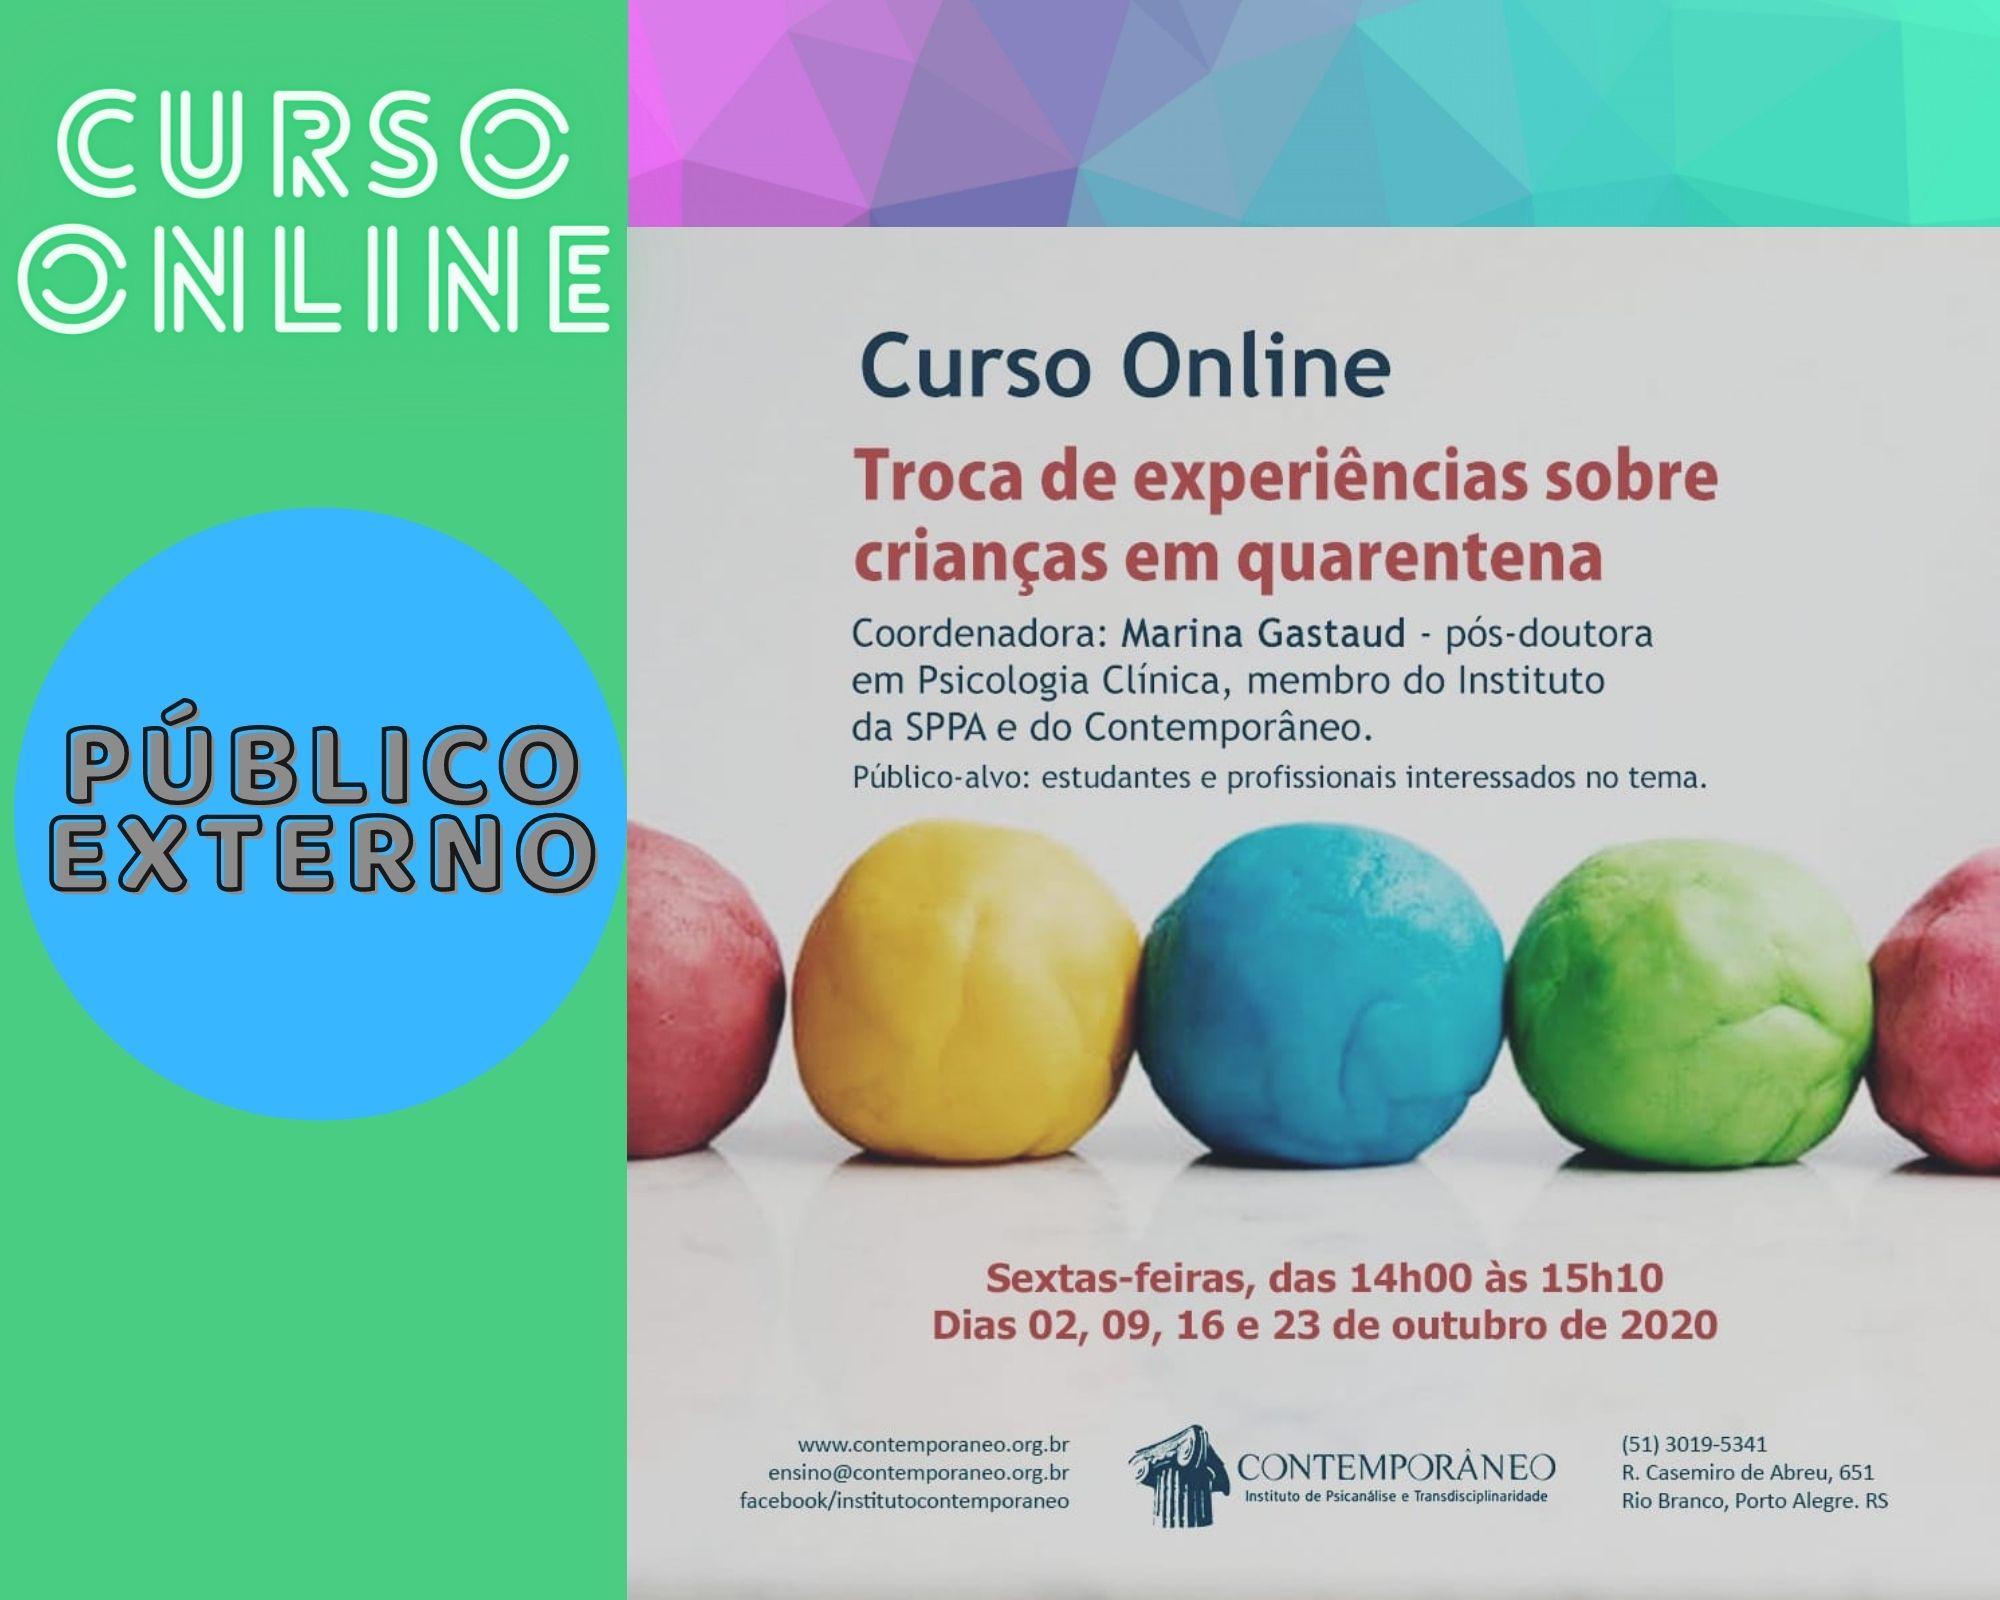 Curso para Troca de experiências sobre crianças em quarentena (para leigos) – Público Externo